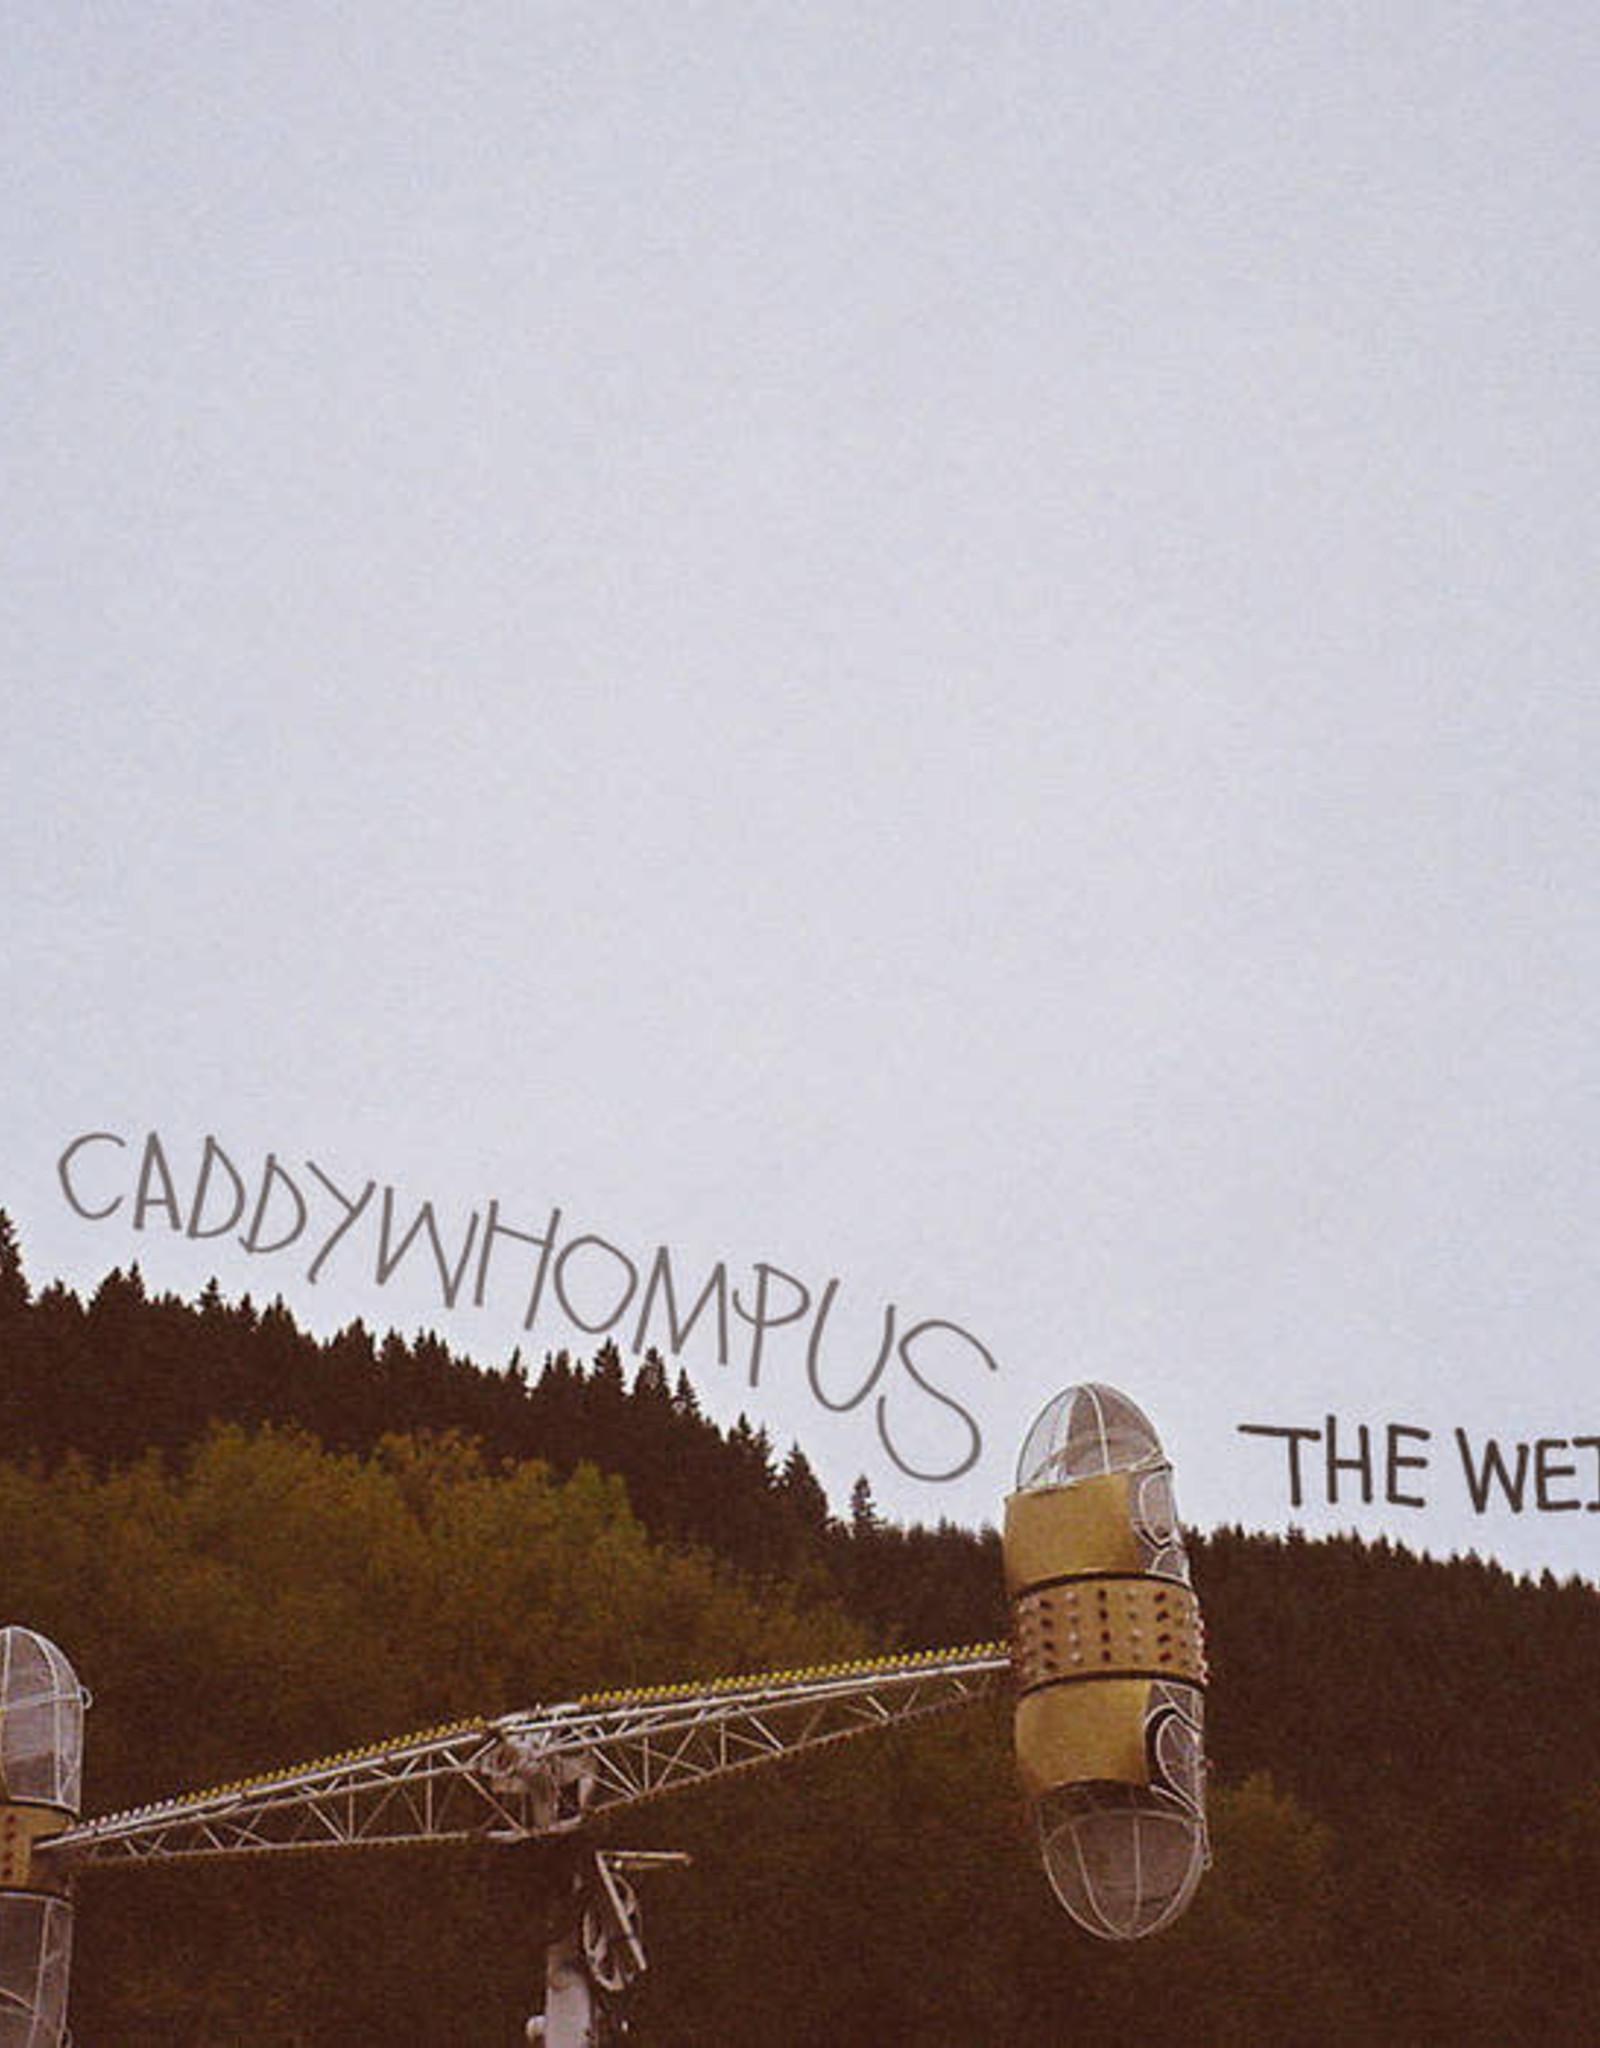 Caddywhompus - The Weight